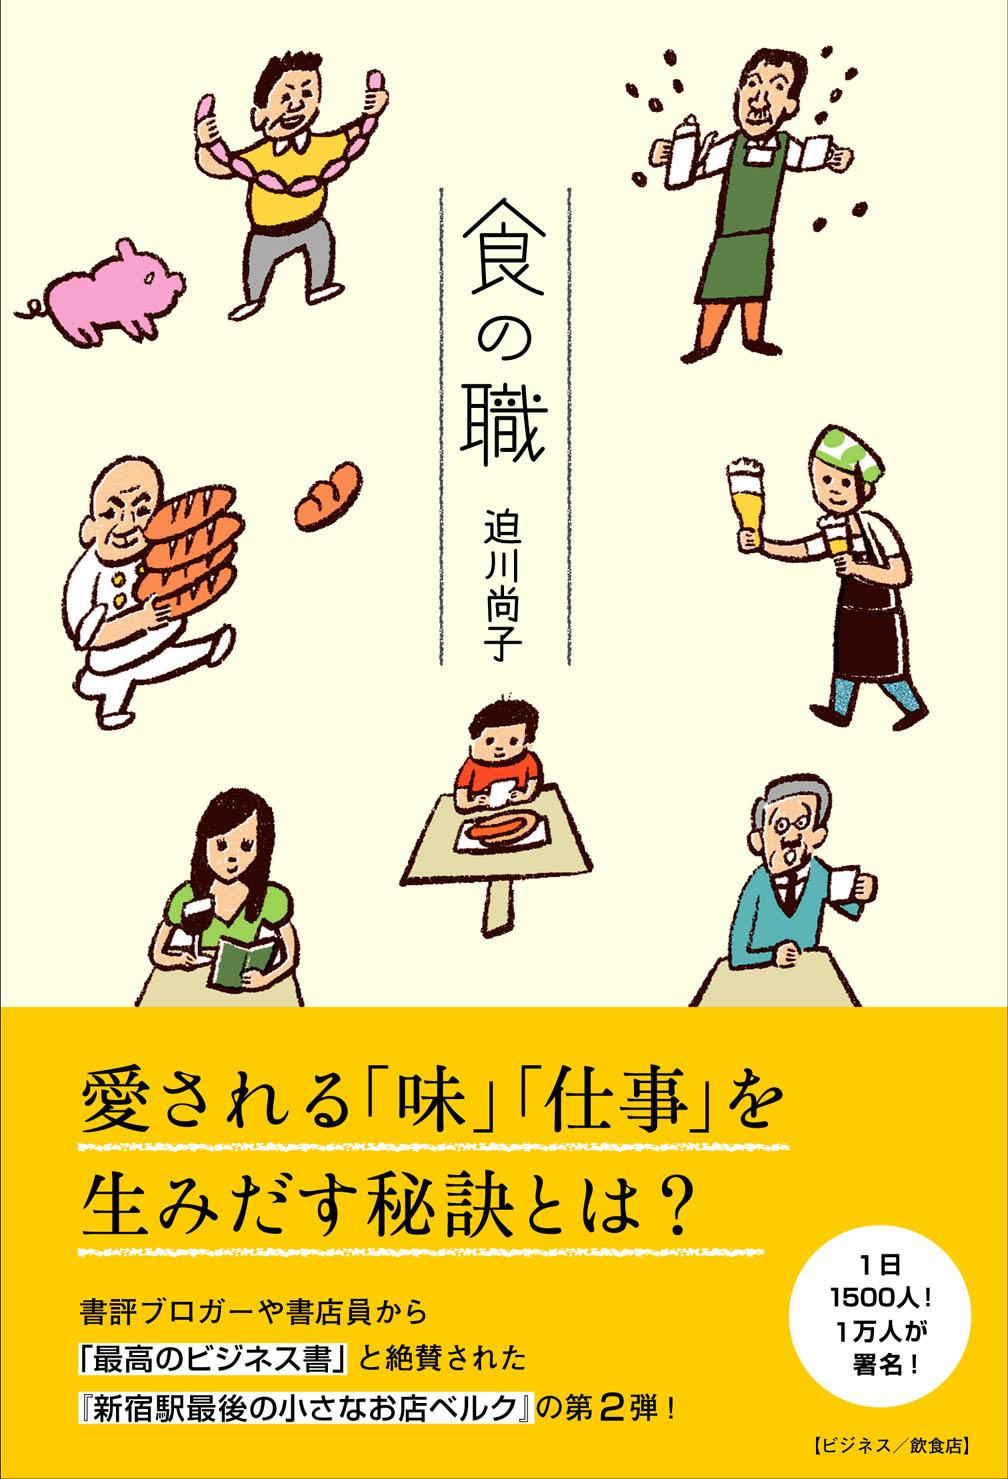 ベルク本2 『食の職~小さなお店ベルクの発想』カバー発表 #book #cafe_c0069047_22564225.jpg